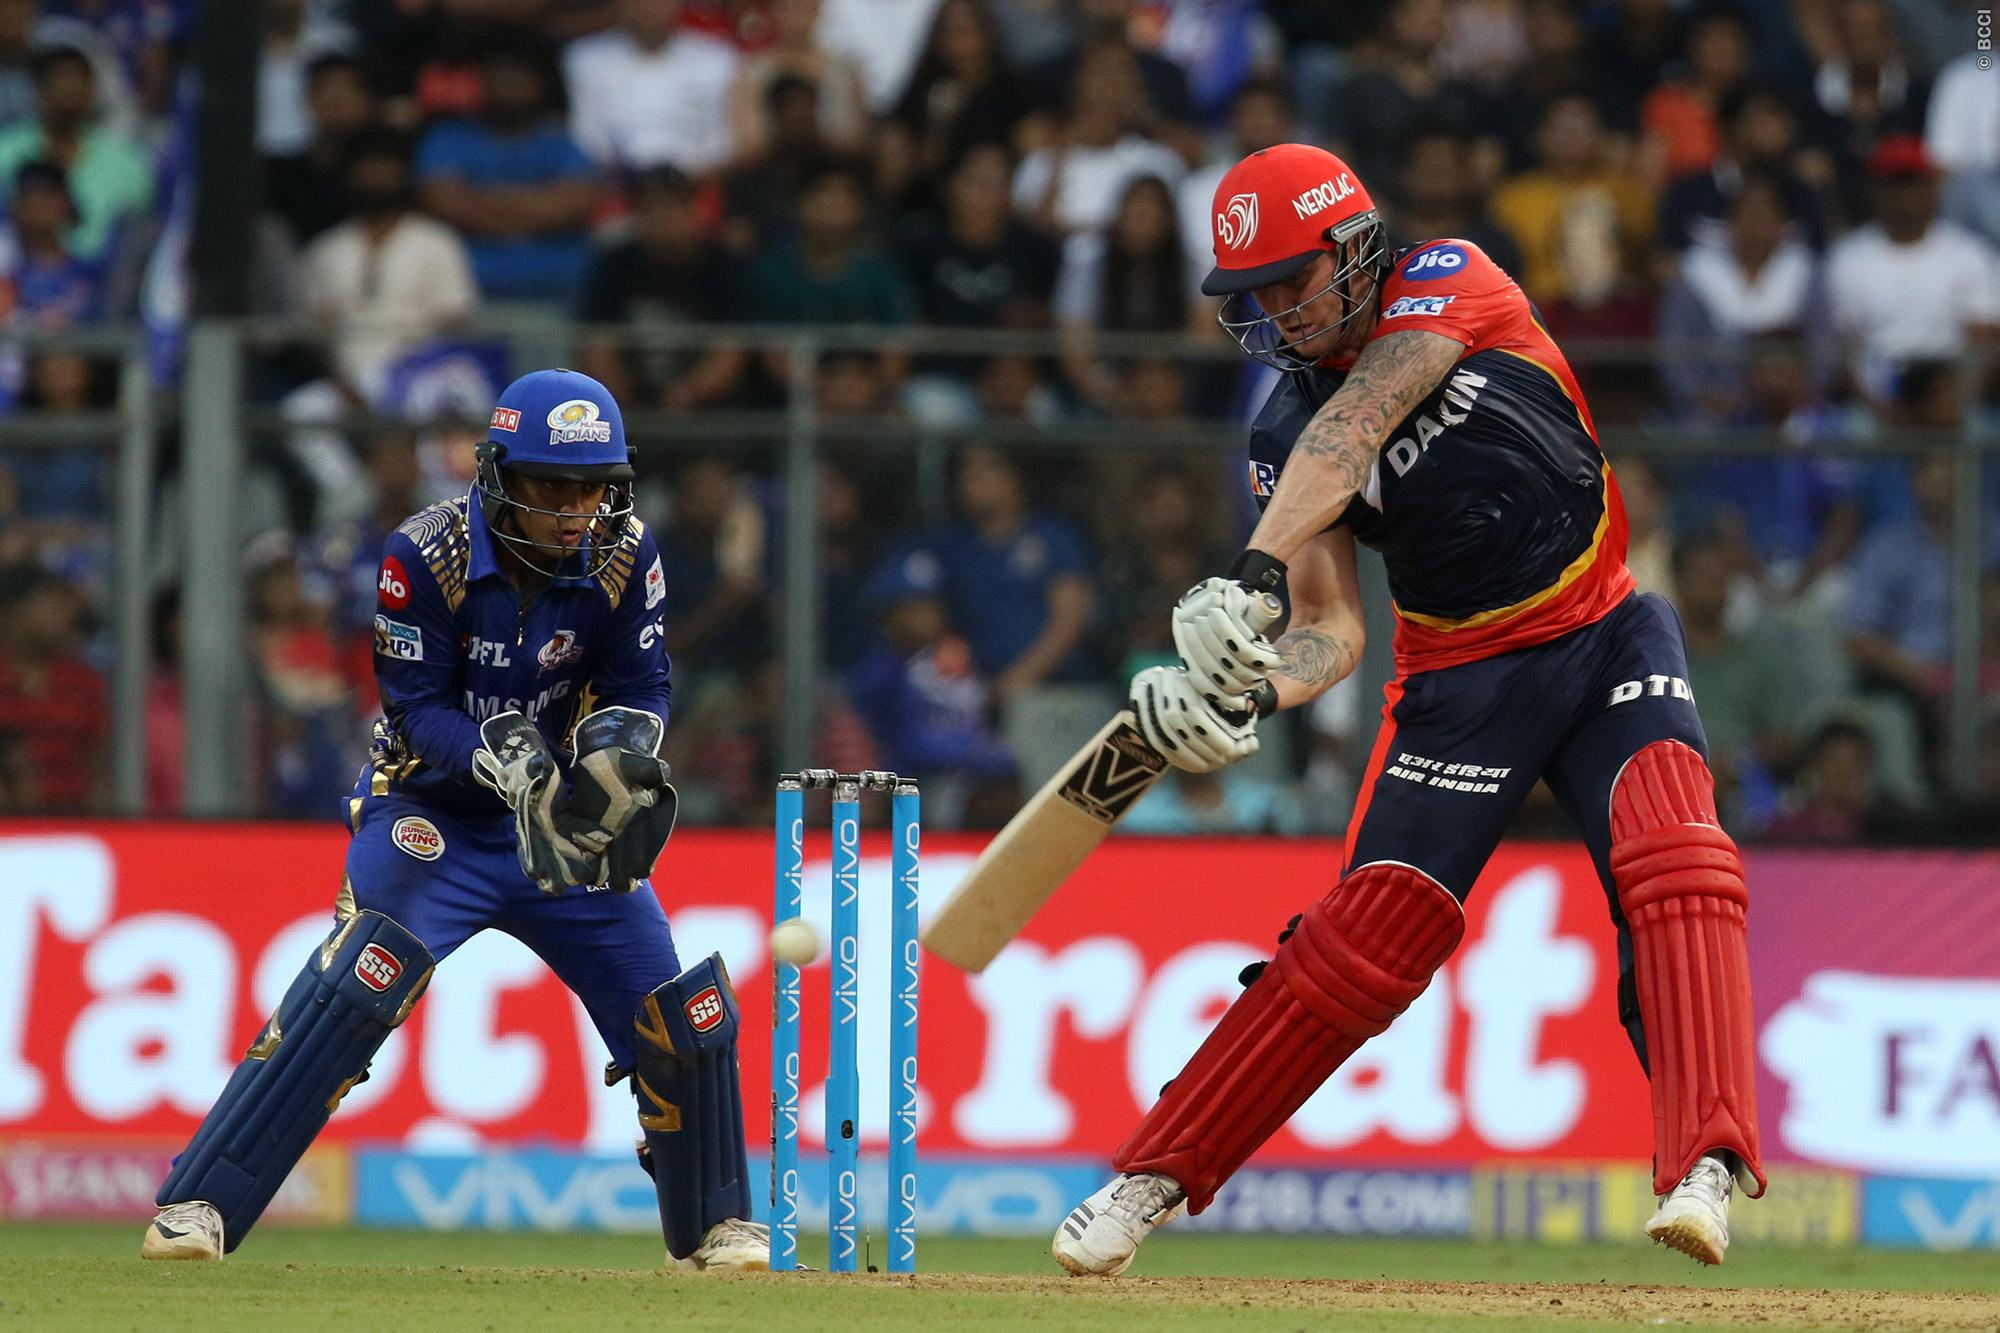 मैच रिपोर्ट: जेसन रॉय के तूफ़ान में उड़ी मुंबई, दिल्ली ने रोमांचक मुकाबले में 7 विकेट से दी करारी शिकस्त 4